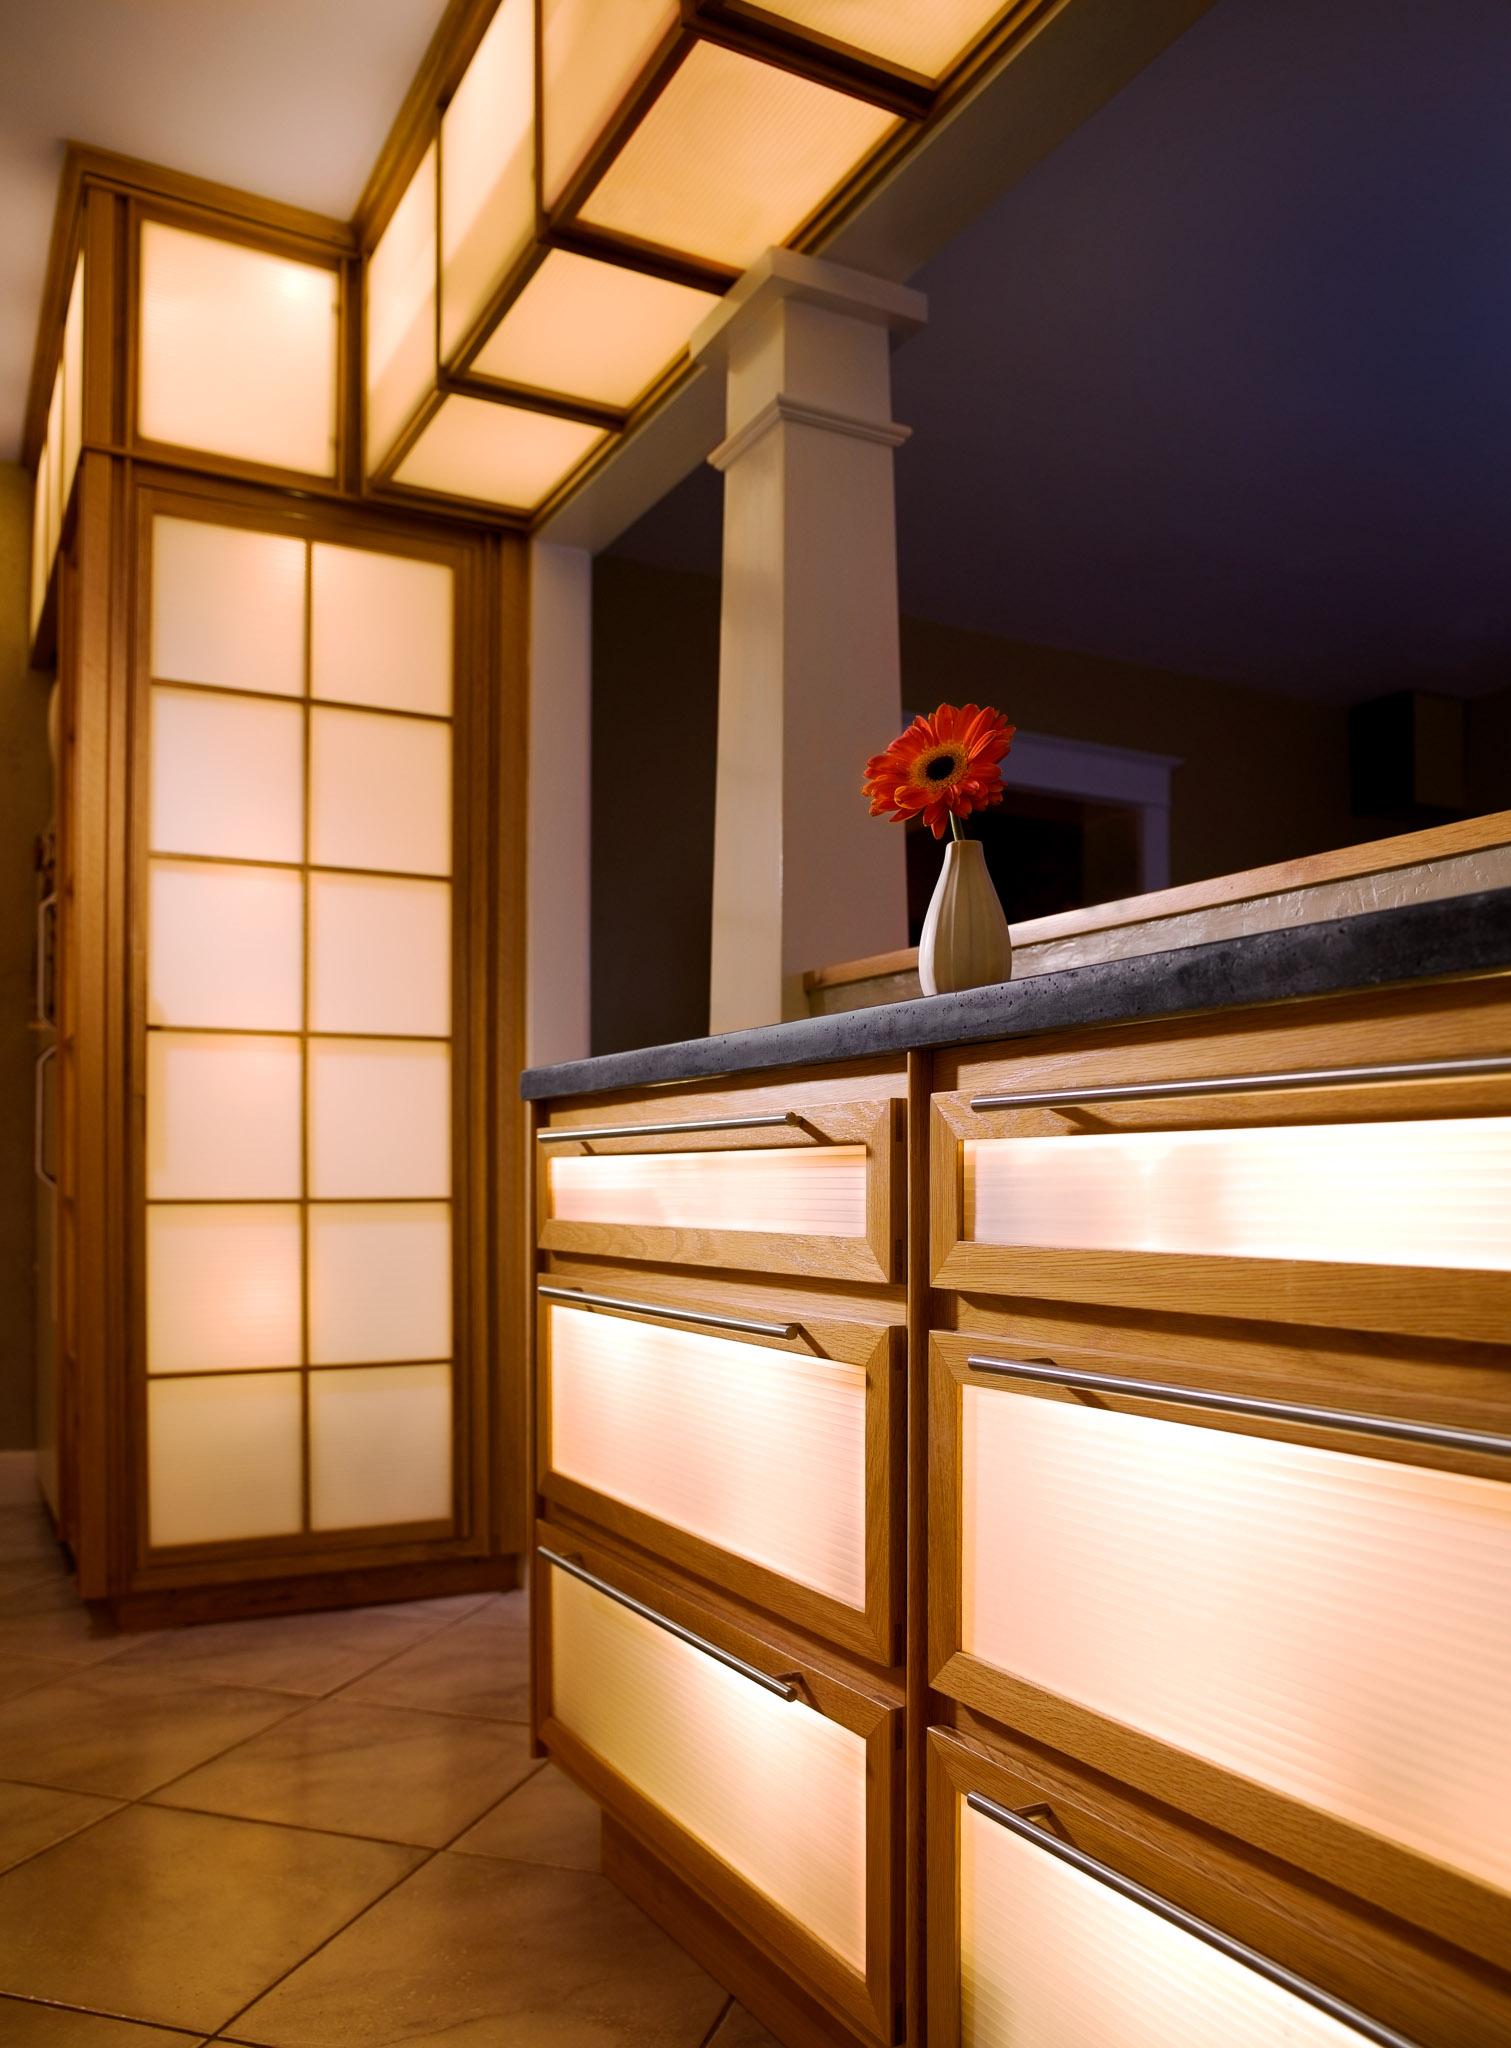 Danko_Modern_Kitchen_02.jpg